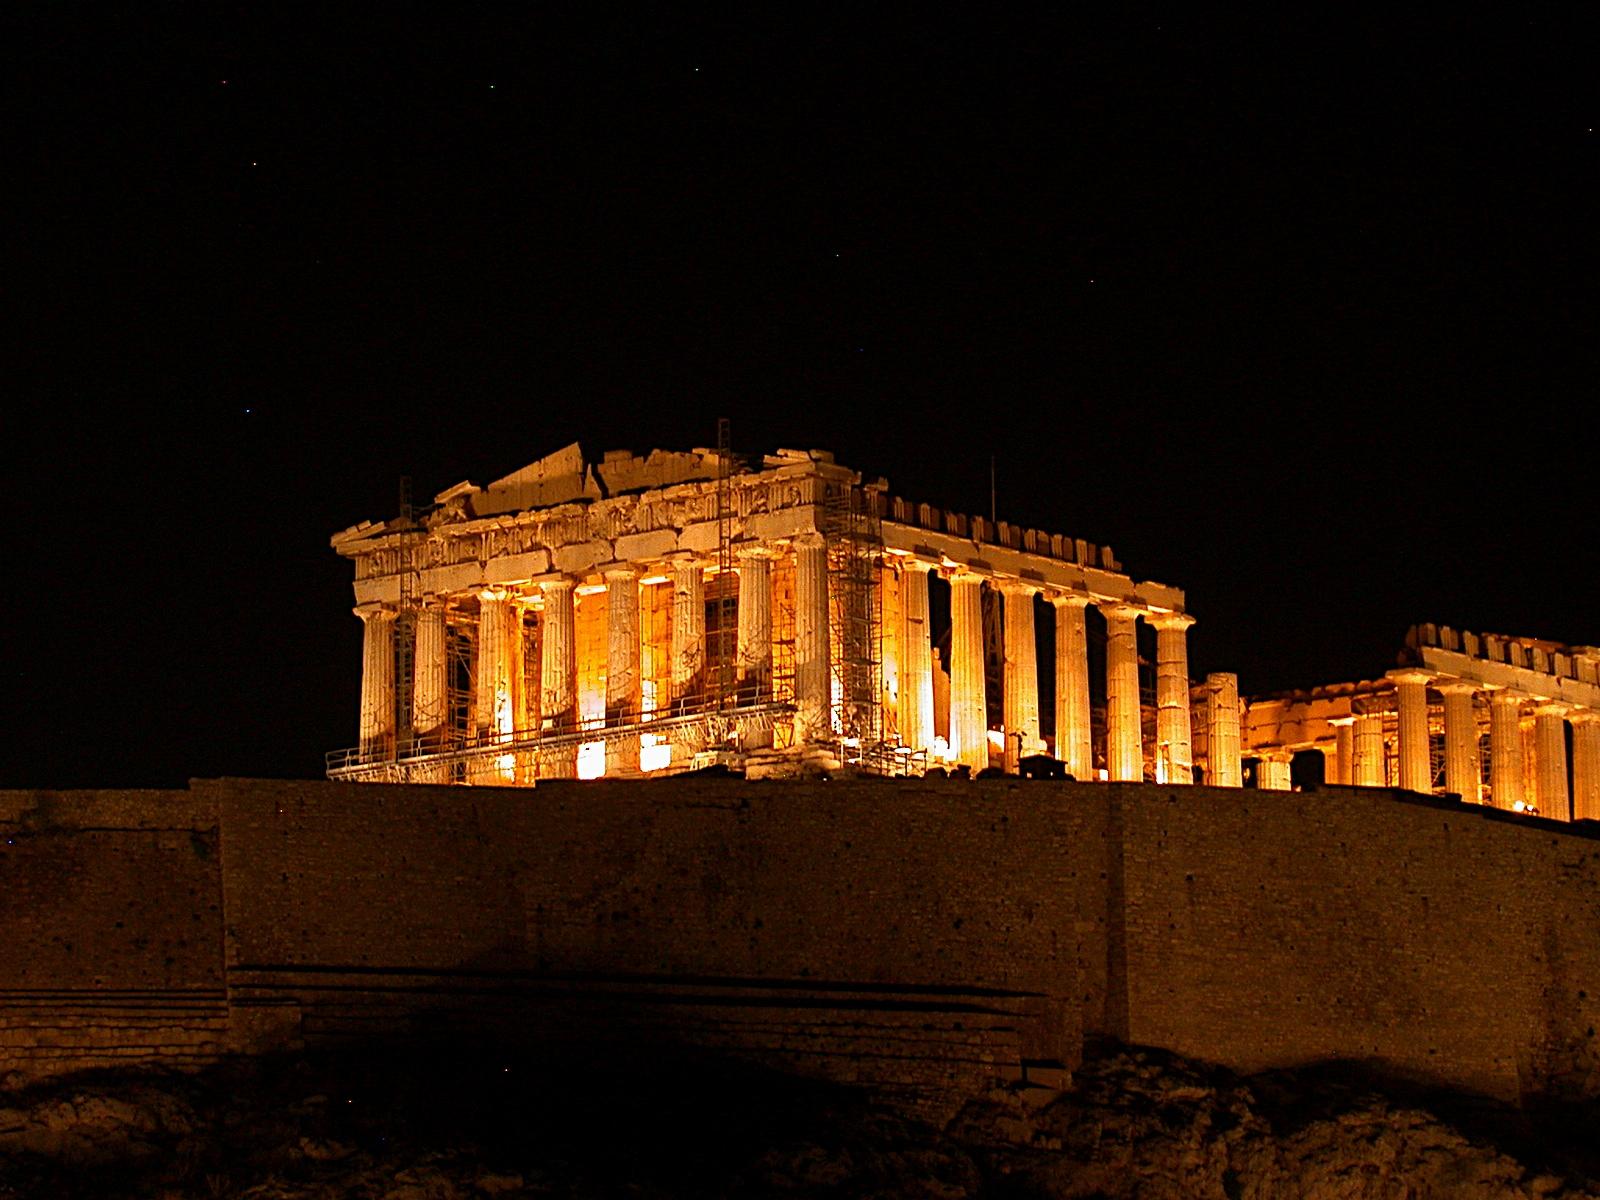 Grecee, Europe, The Parthenon illuminated at night